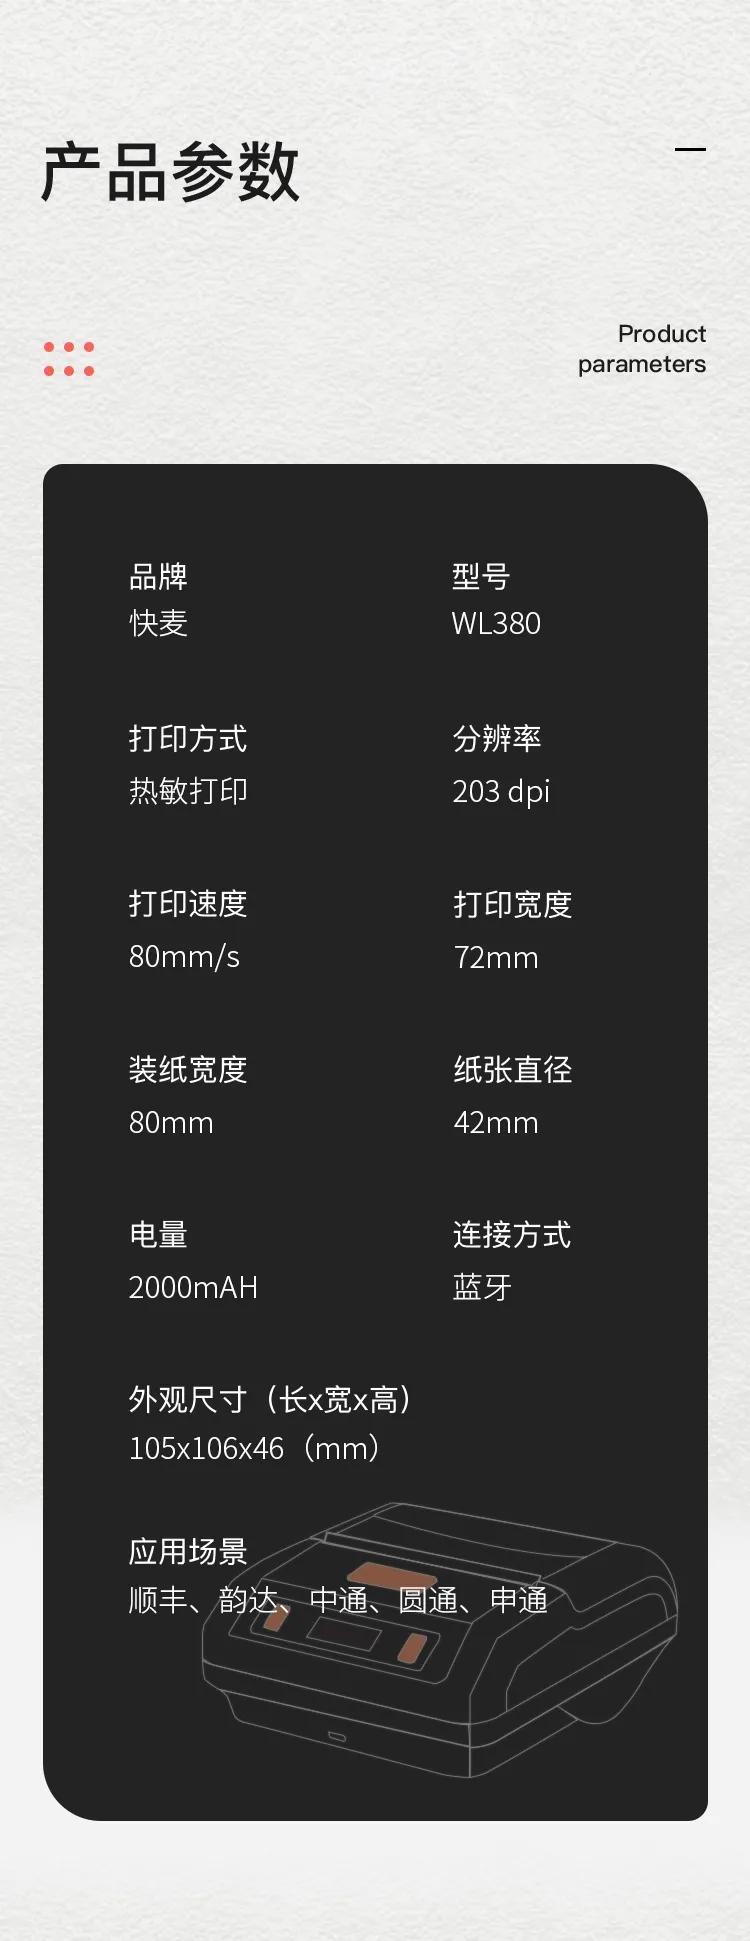 快麦打印机新品WL380,随身携带的便携打印机